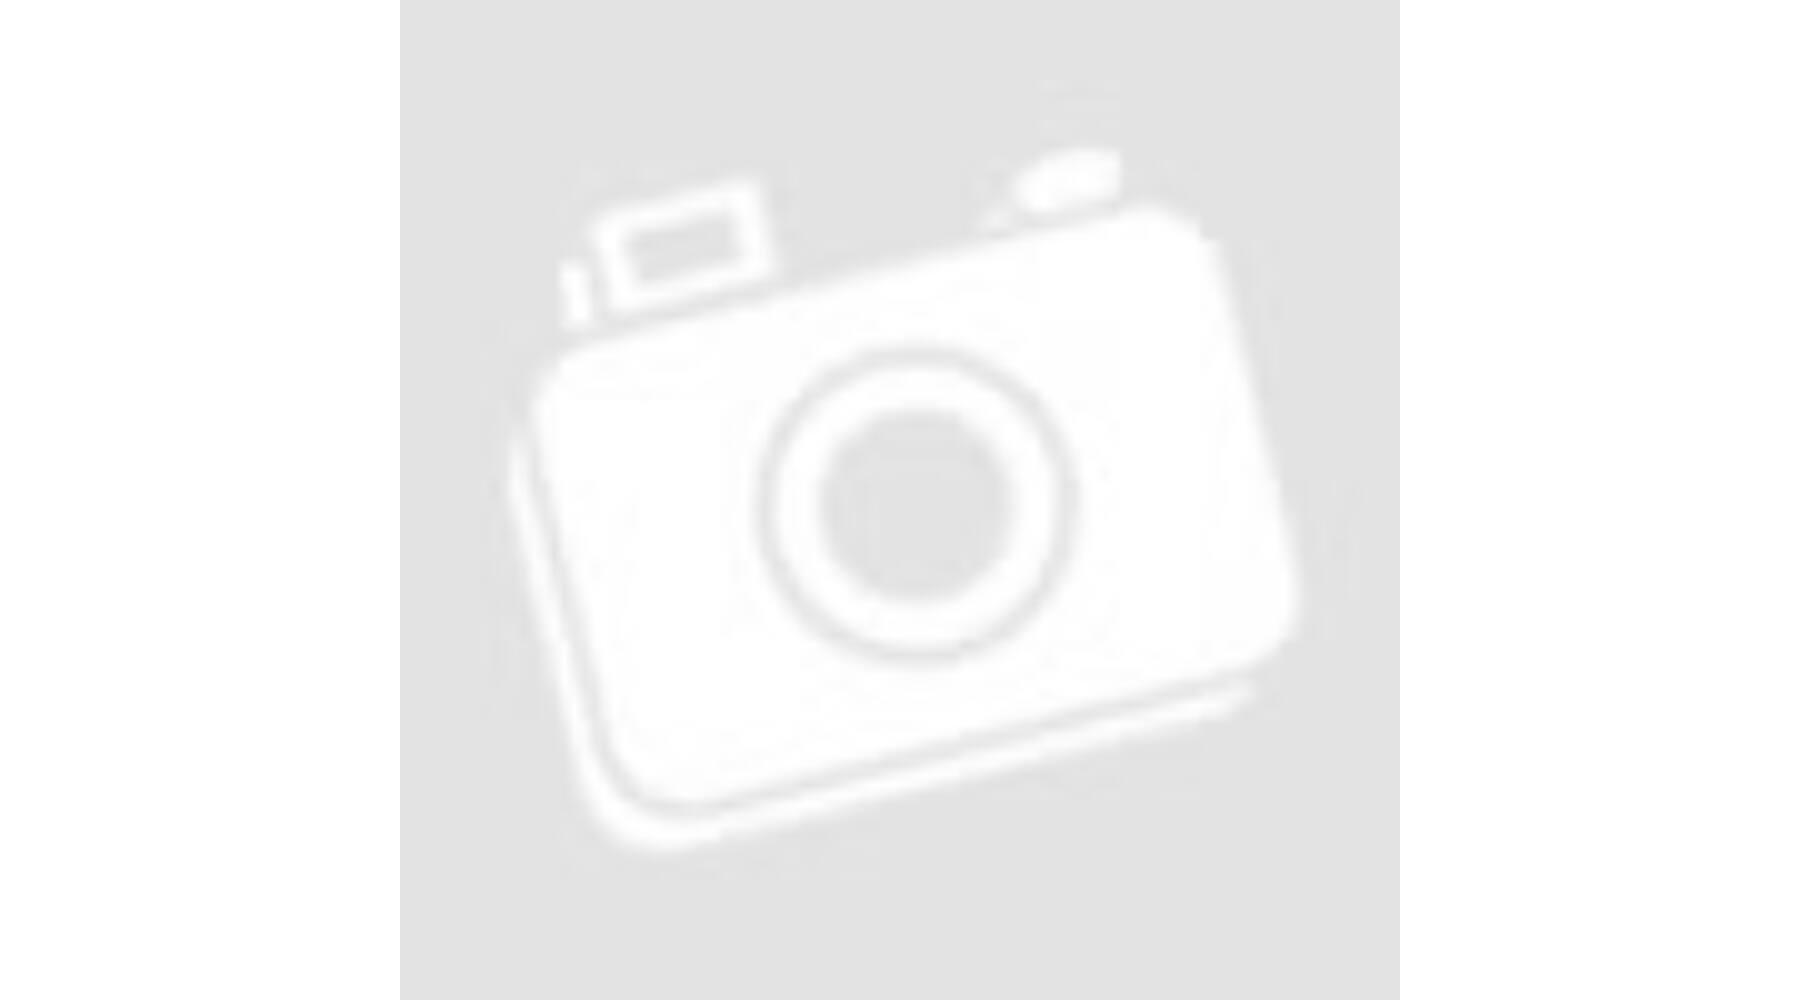 Kerekített fazonú olasz bőrtáska 19.990 Ft a Your Bag Shop webáruházban. d037f3fd73